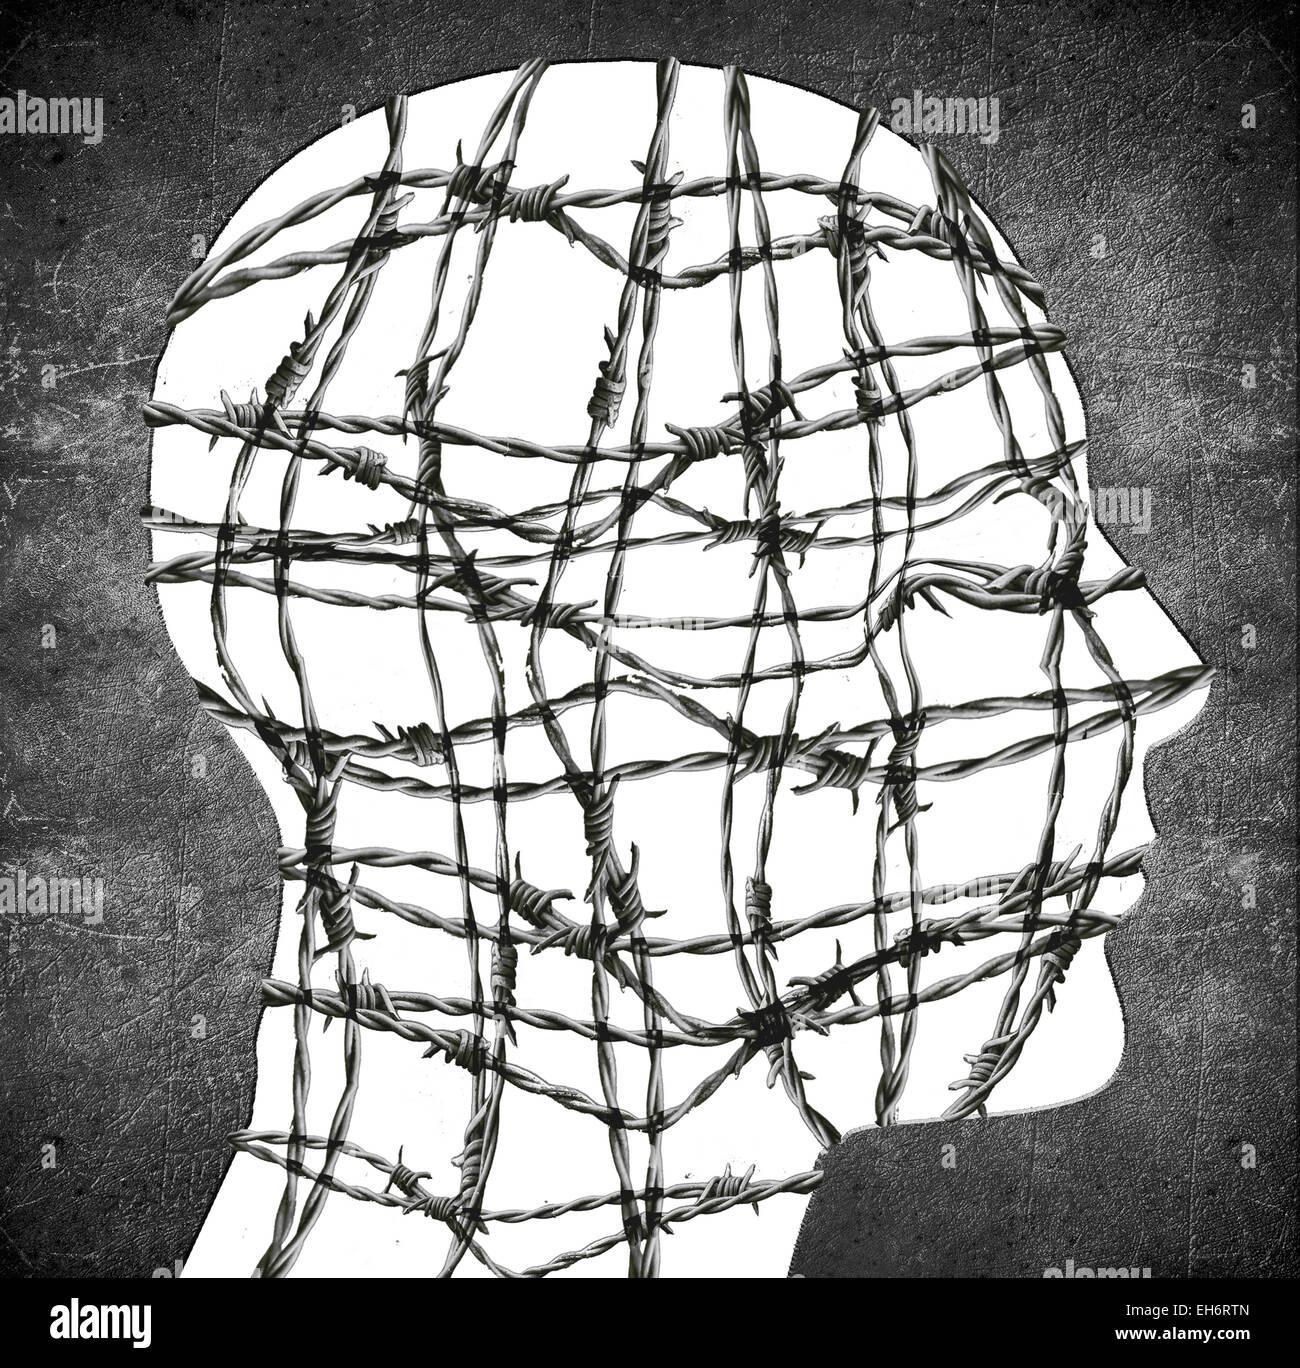 Silhouette de la tête avec du fil de fer barbelé illustration numérique Photo Stock